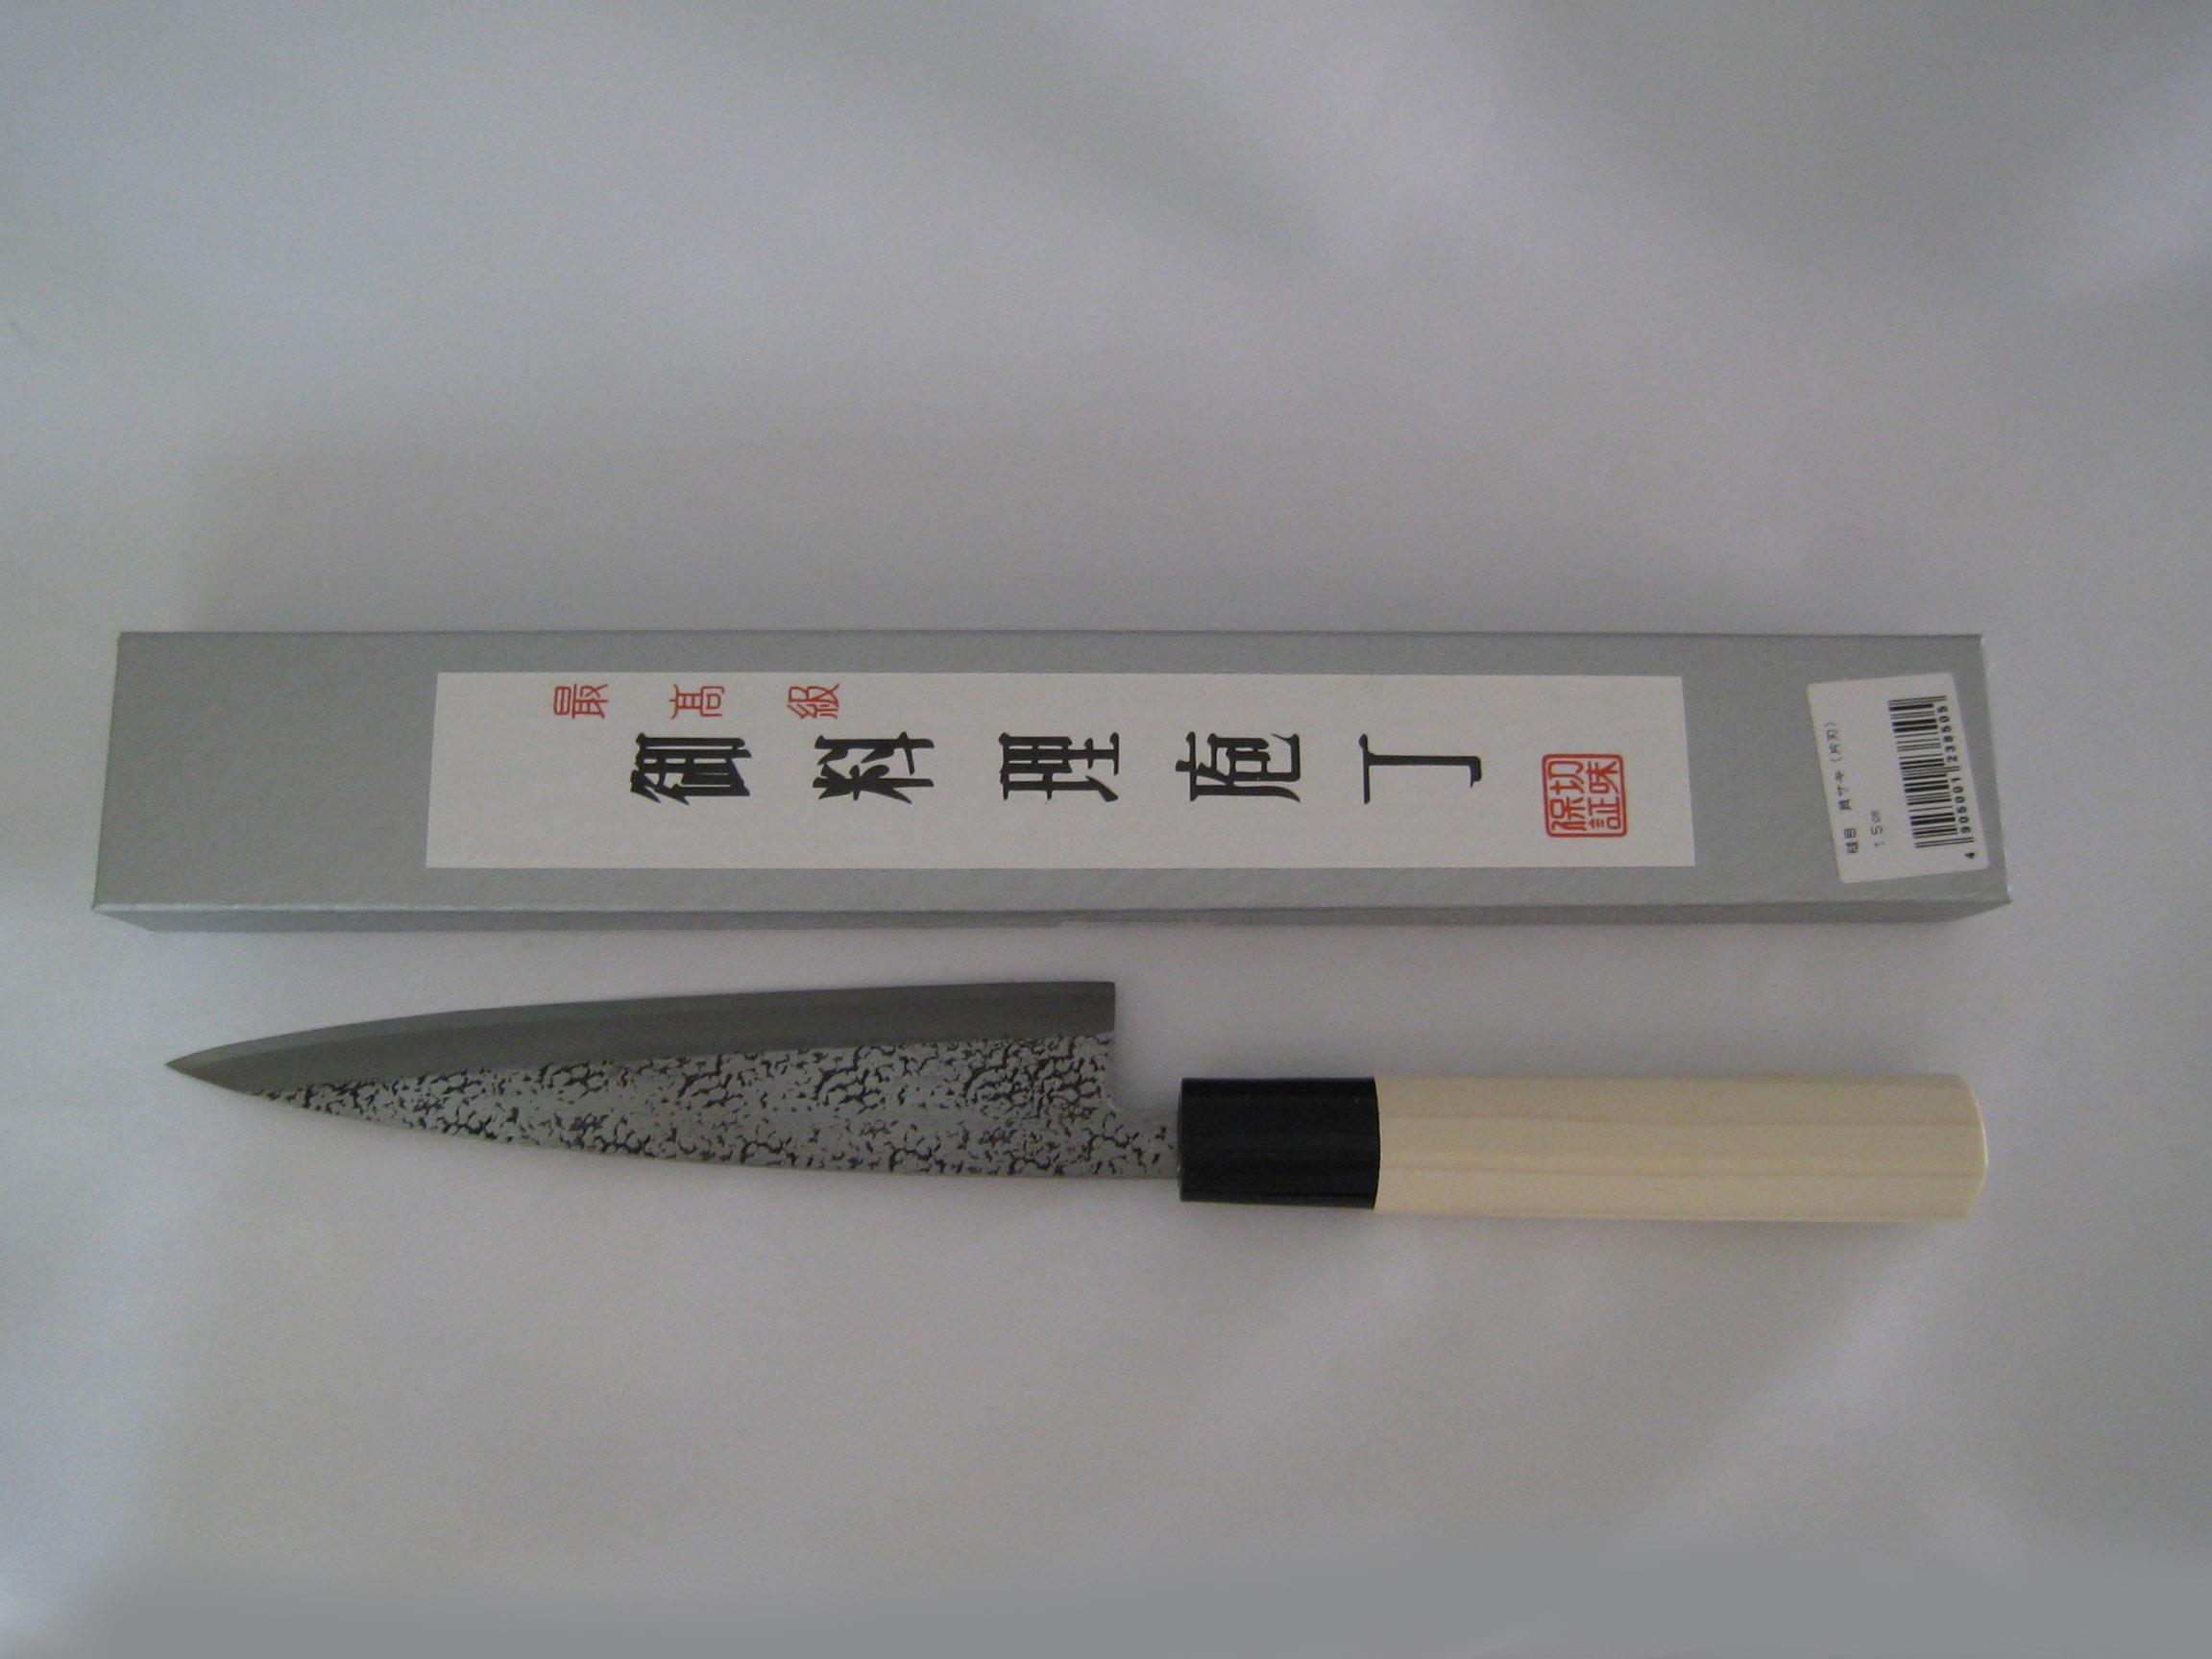 槌目 貝サキ(片刃) 15cm